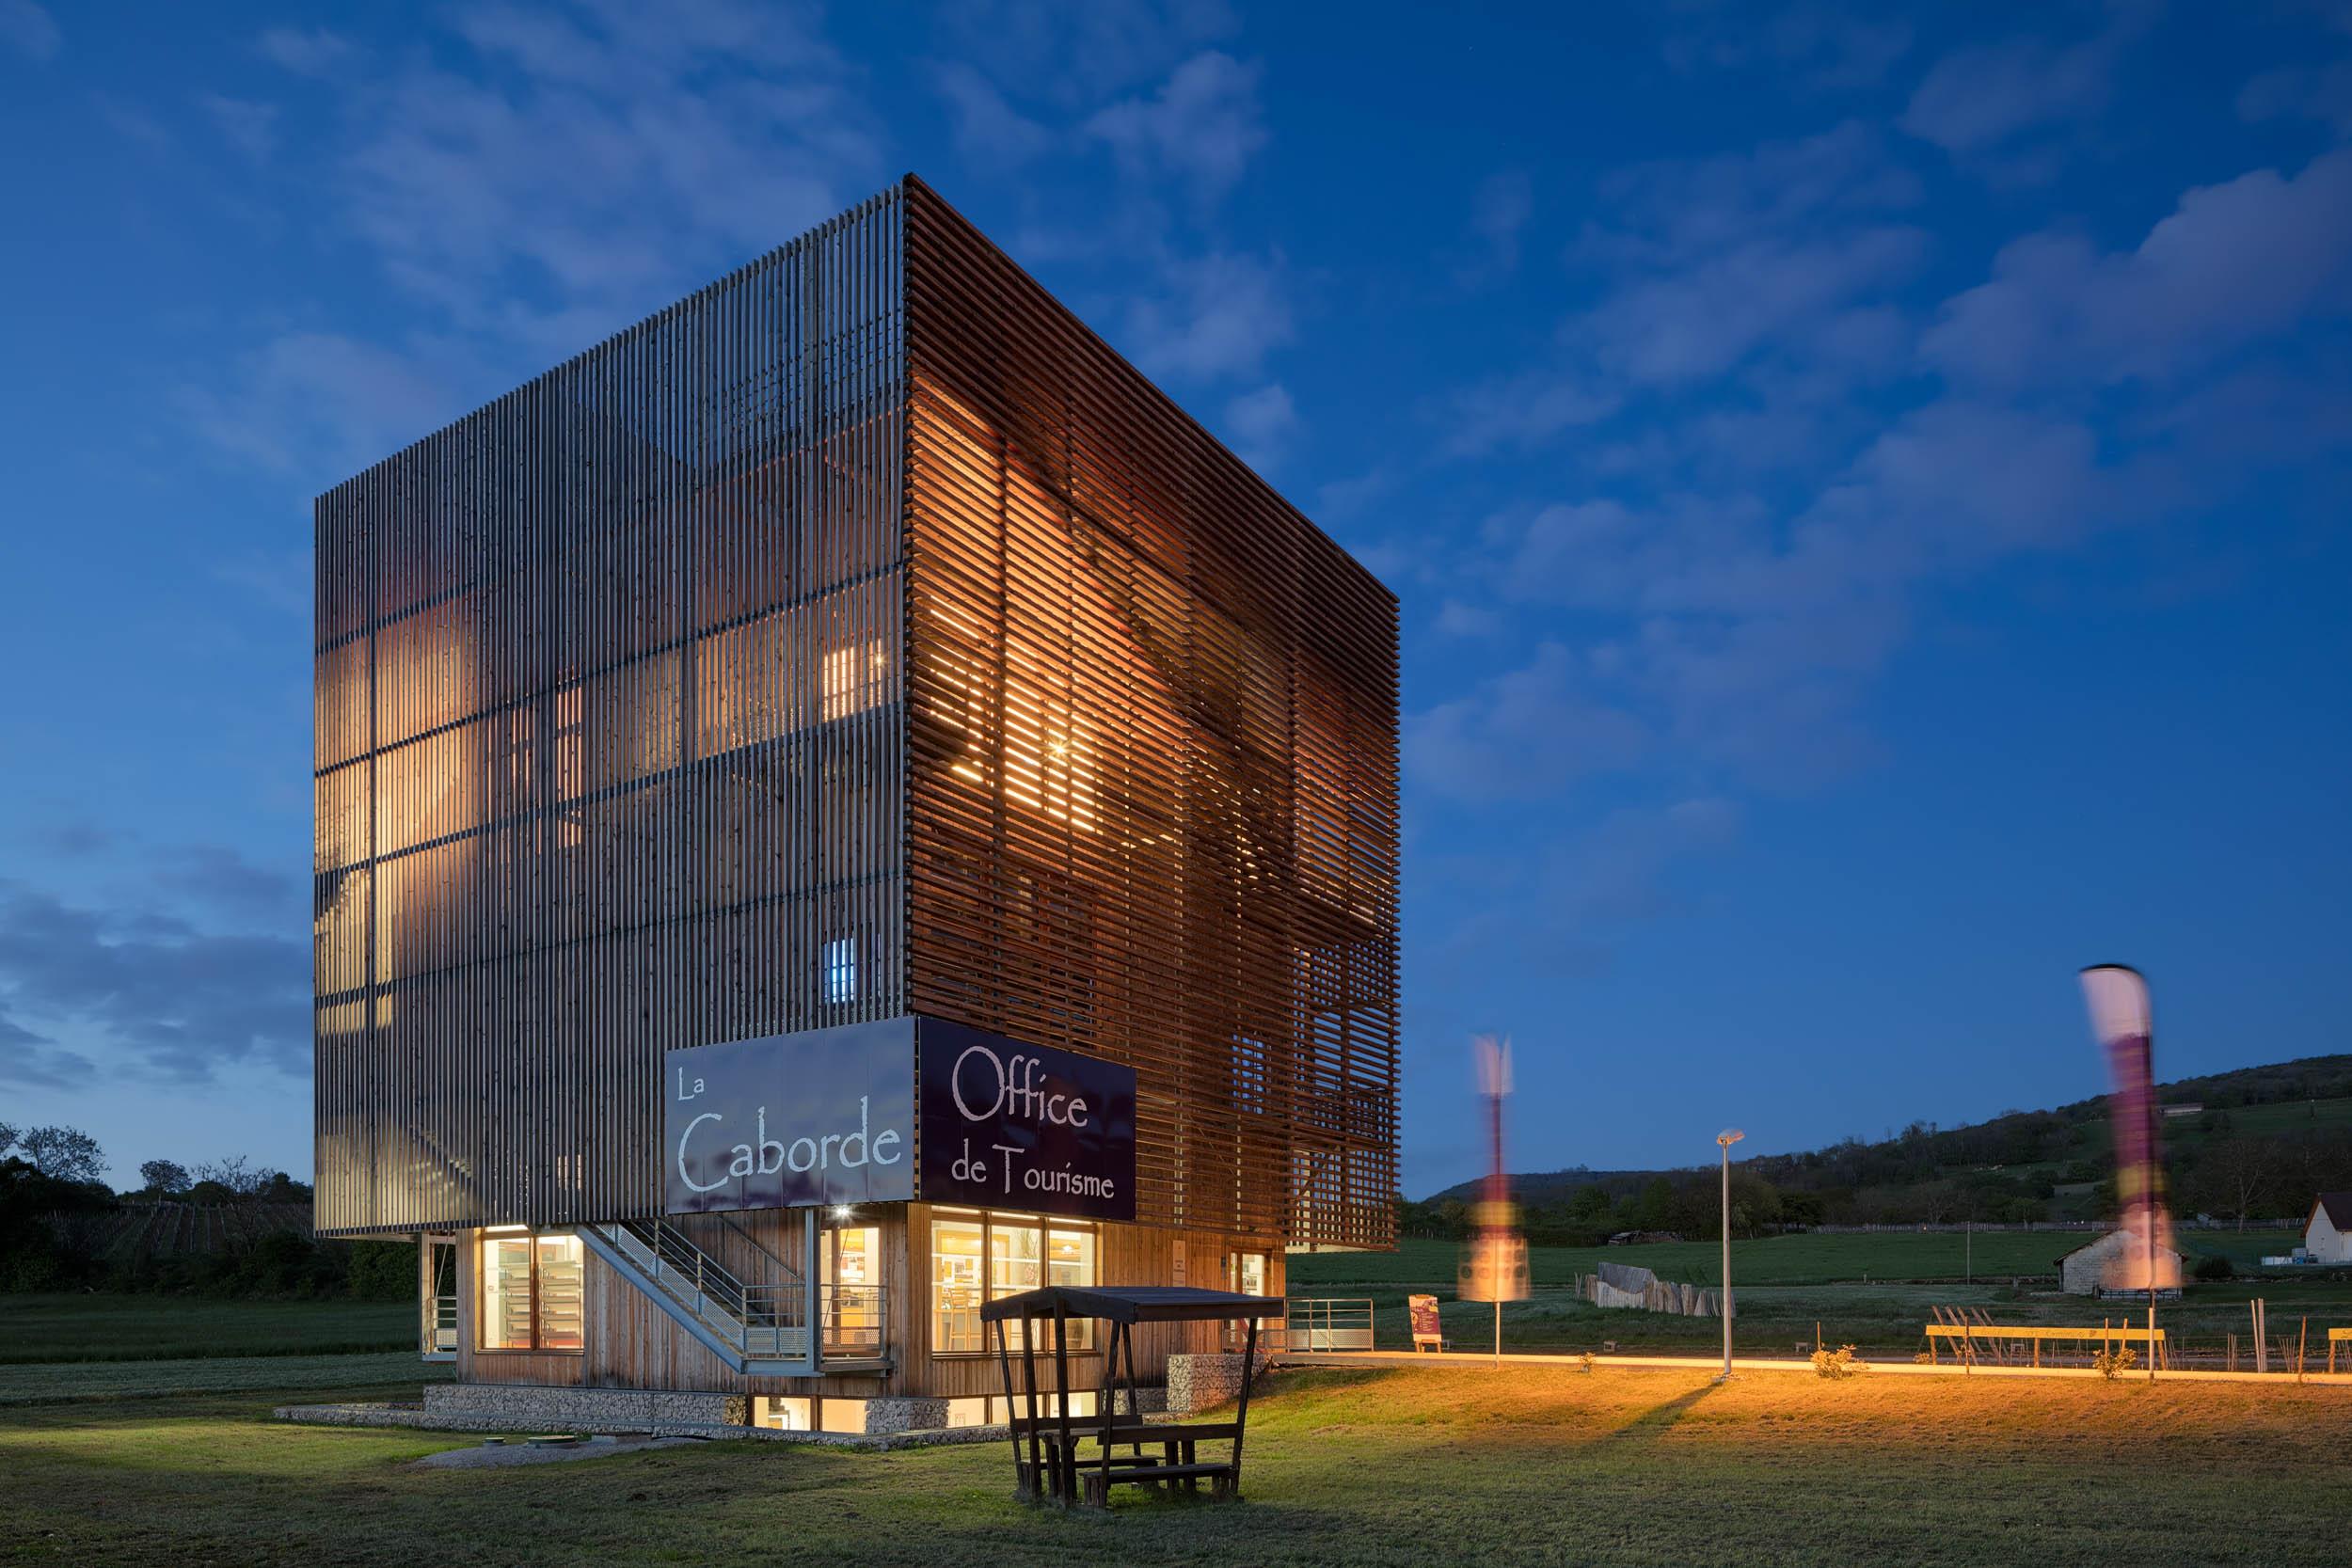 La Caborde, Aire viti-culturelle - Orbagna  Reichardt et Ferreux architectes